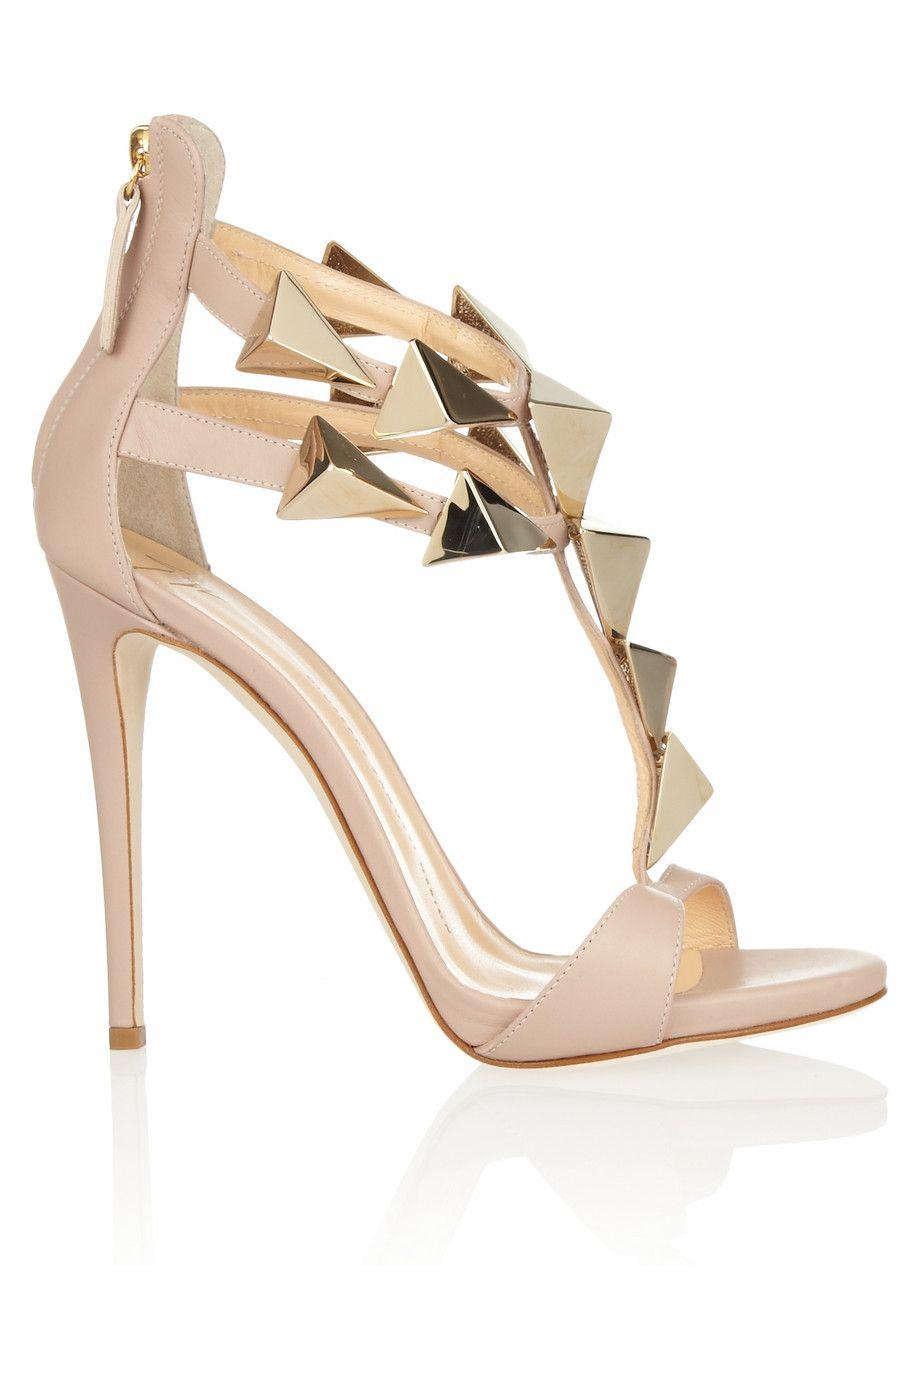 Giuseppe Zanotti Studded Leather Sandals sale 100% guaranteed tuD6iMC